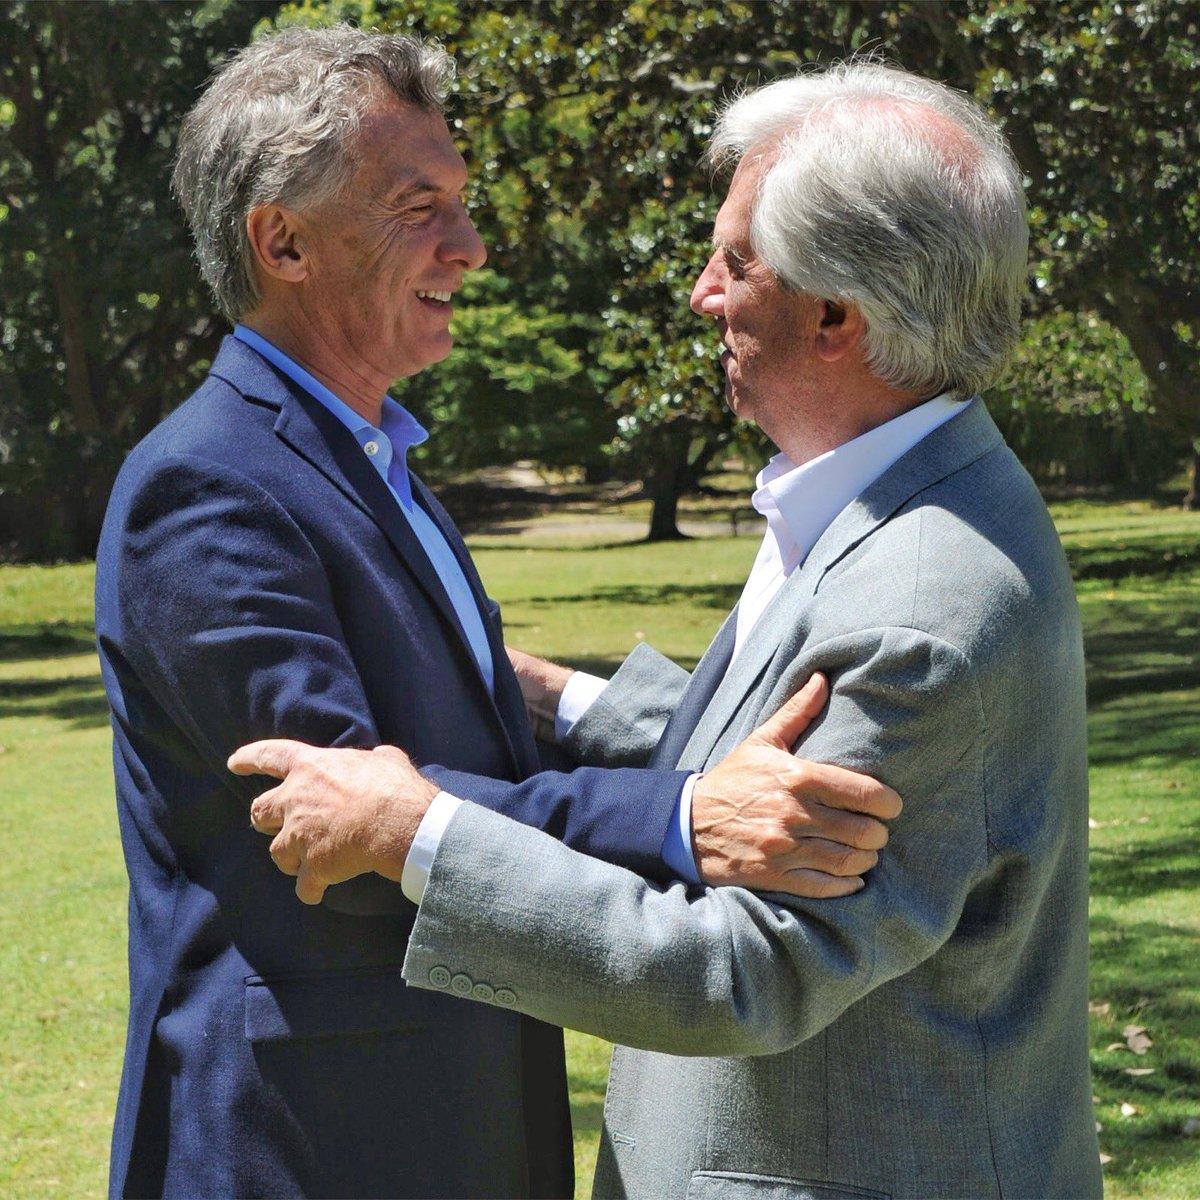 Hoy me reuní con el presidente de Uruguay, Tabaré Vázquez, para analizar la situación en Venezuela y coincidimos en la importancia de dinamizar el Mercosur para fomentar más oportunidades y acuerdos comerciales.